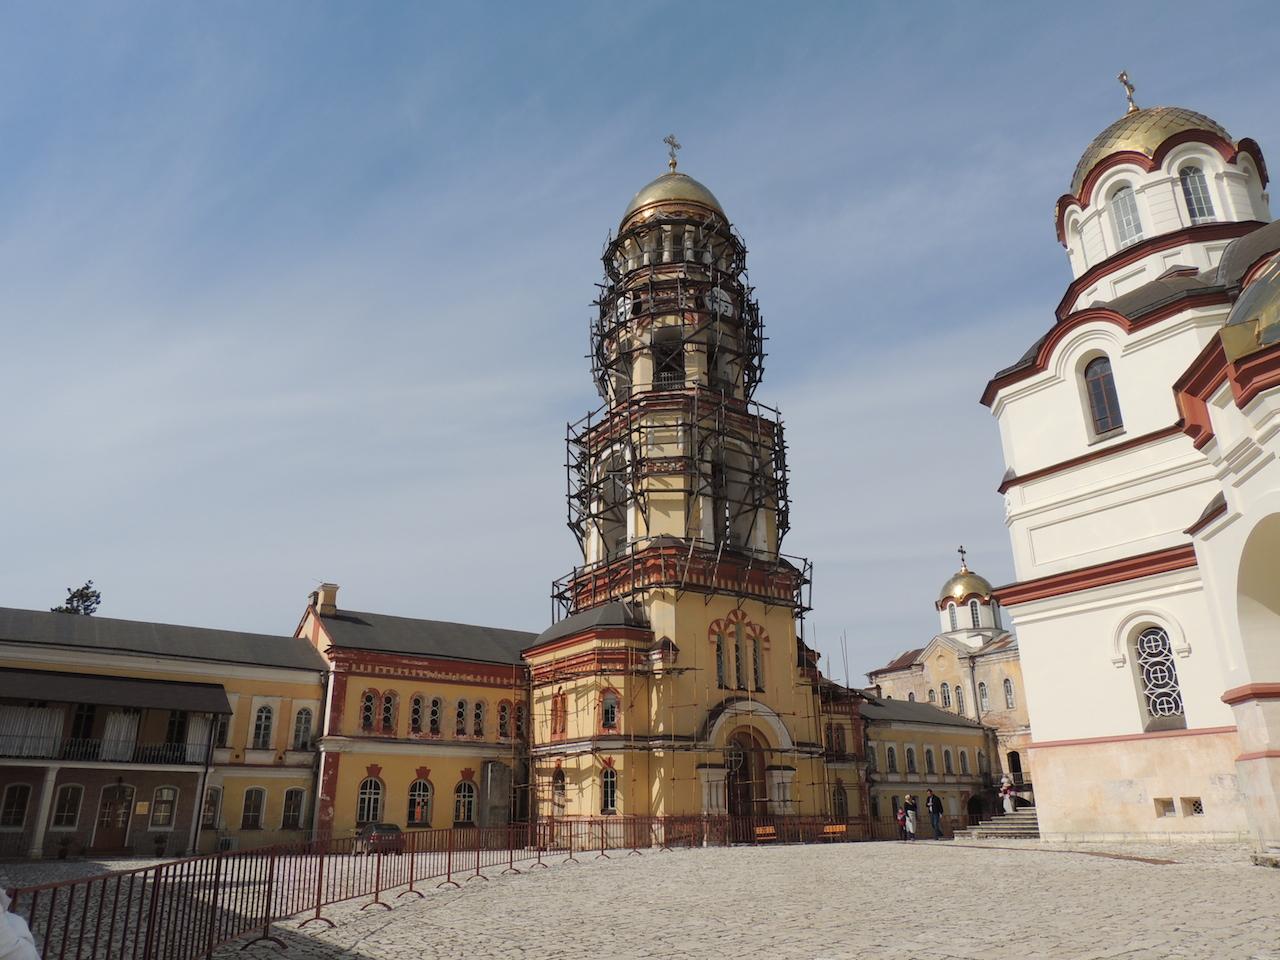 Абхазия Новоафонский монастырь Симона Кананита 14 марта 2015 г., 15-44., 15-44.JPG